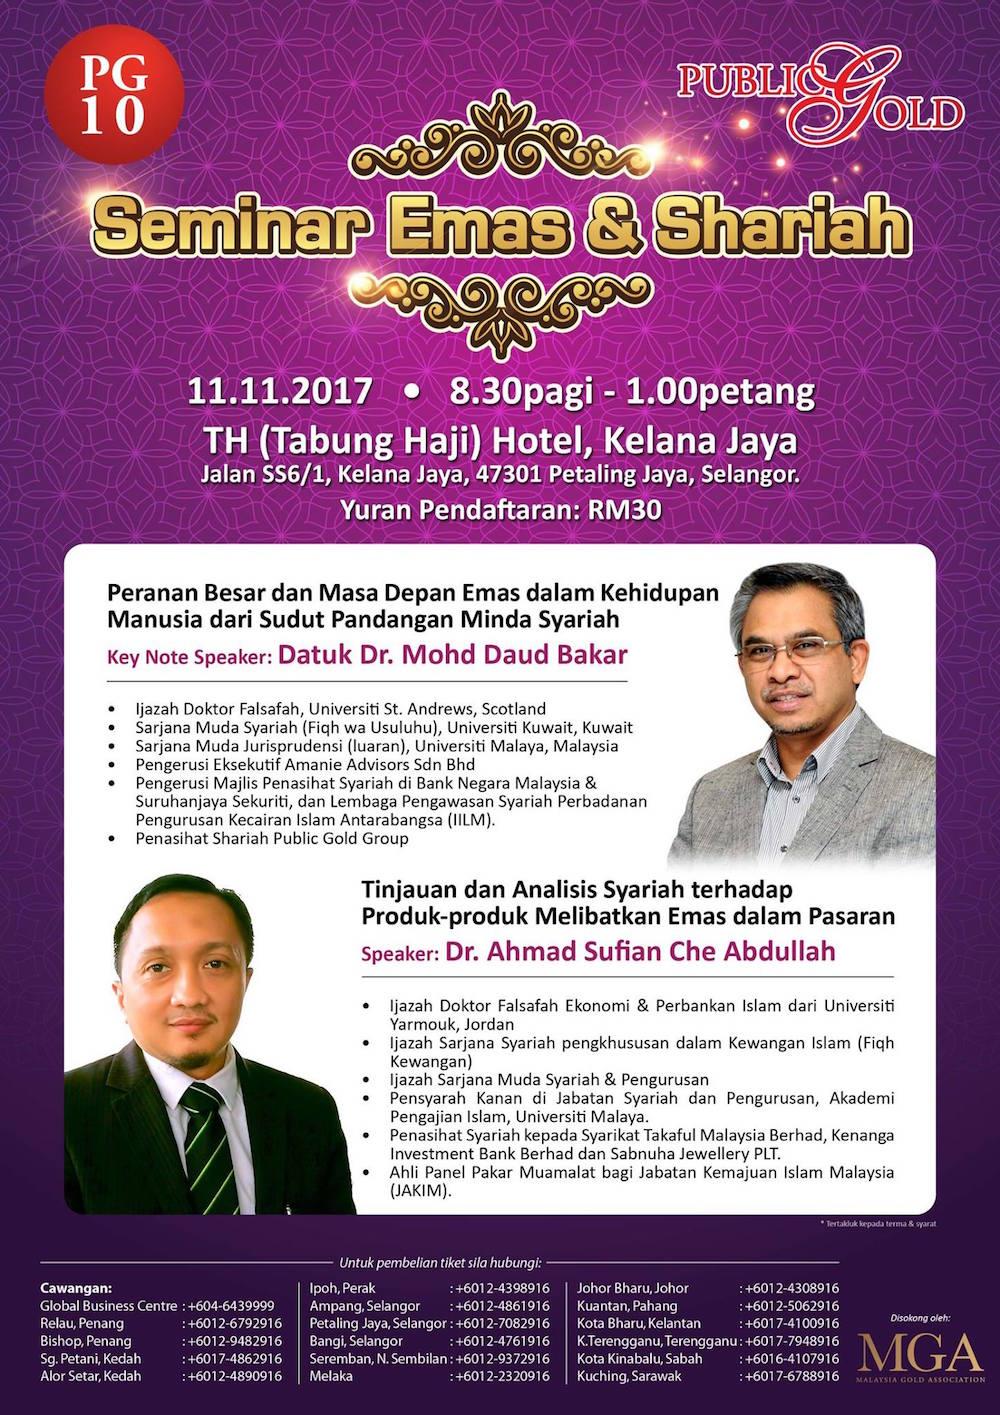 seminar emas dan syariah public gold 2017 datuk dr mohd daud dr ahmad sufian che abdullah